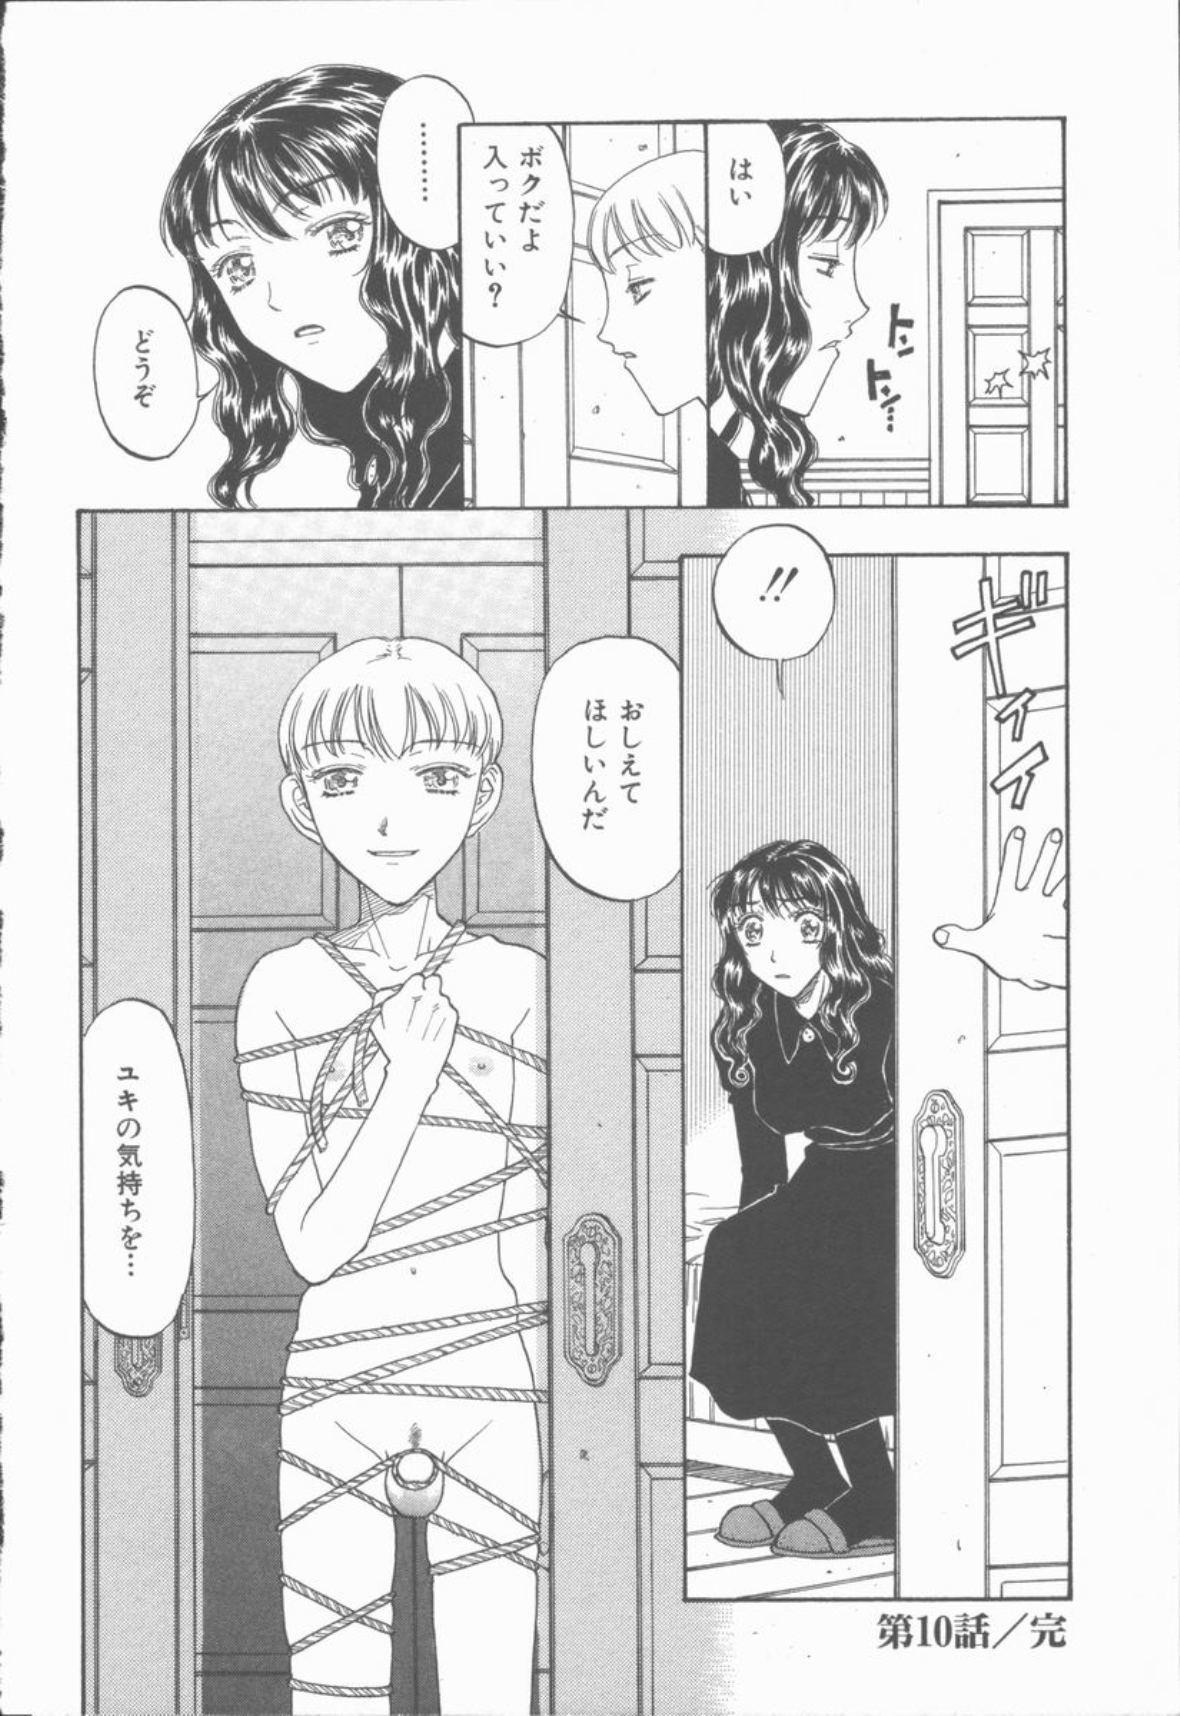 Inma no Sumu Yakata 160